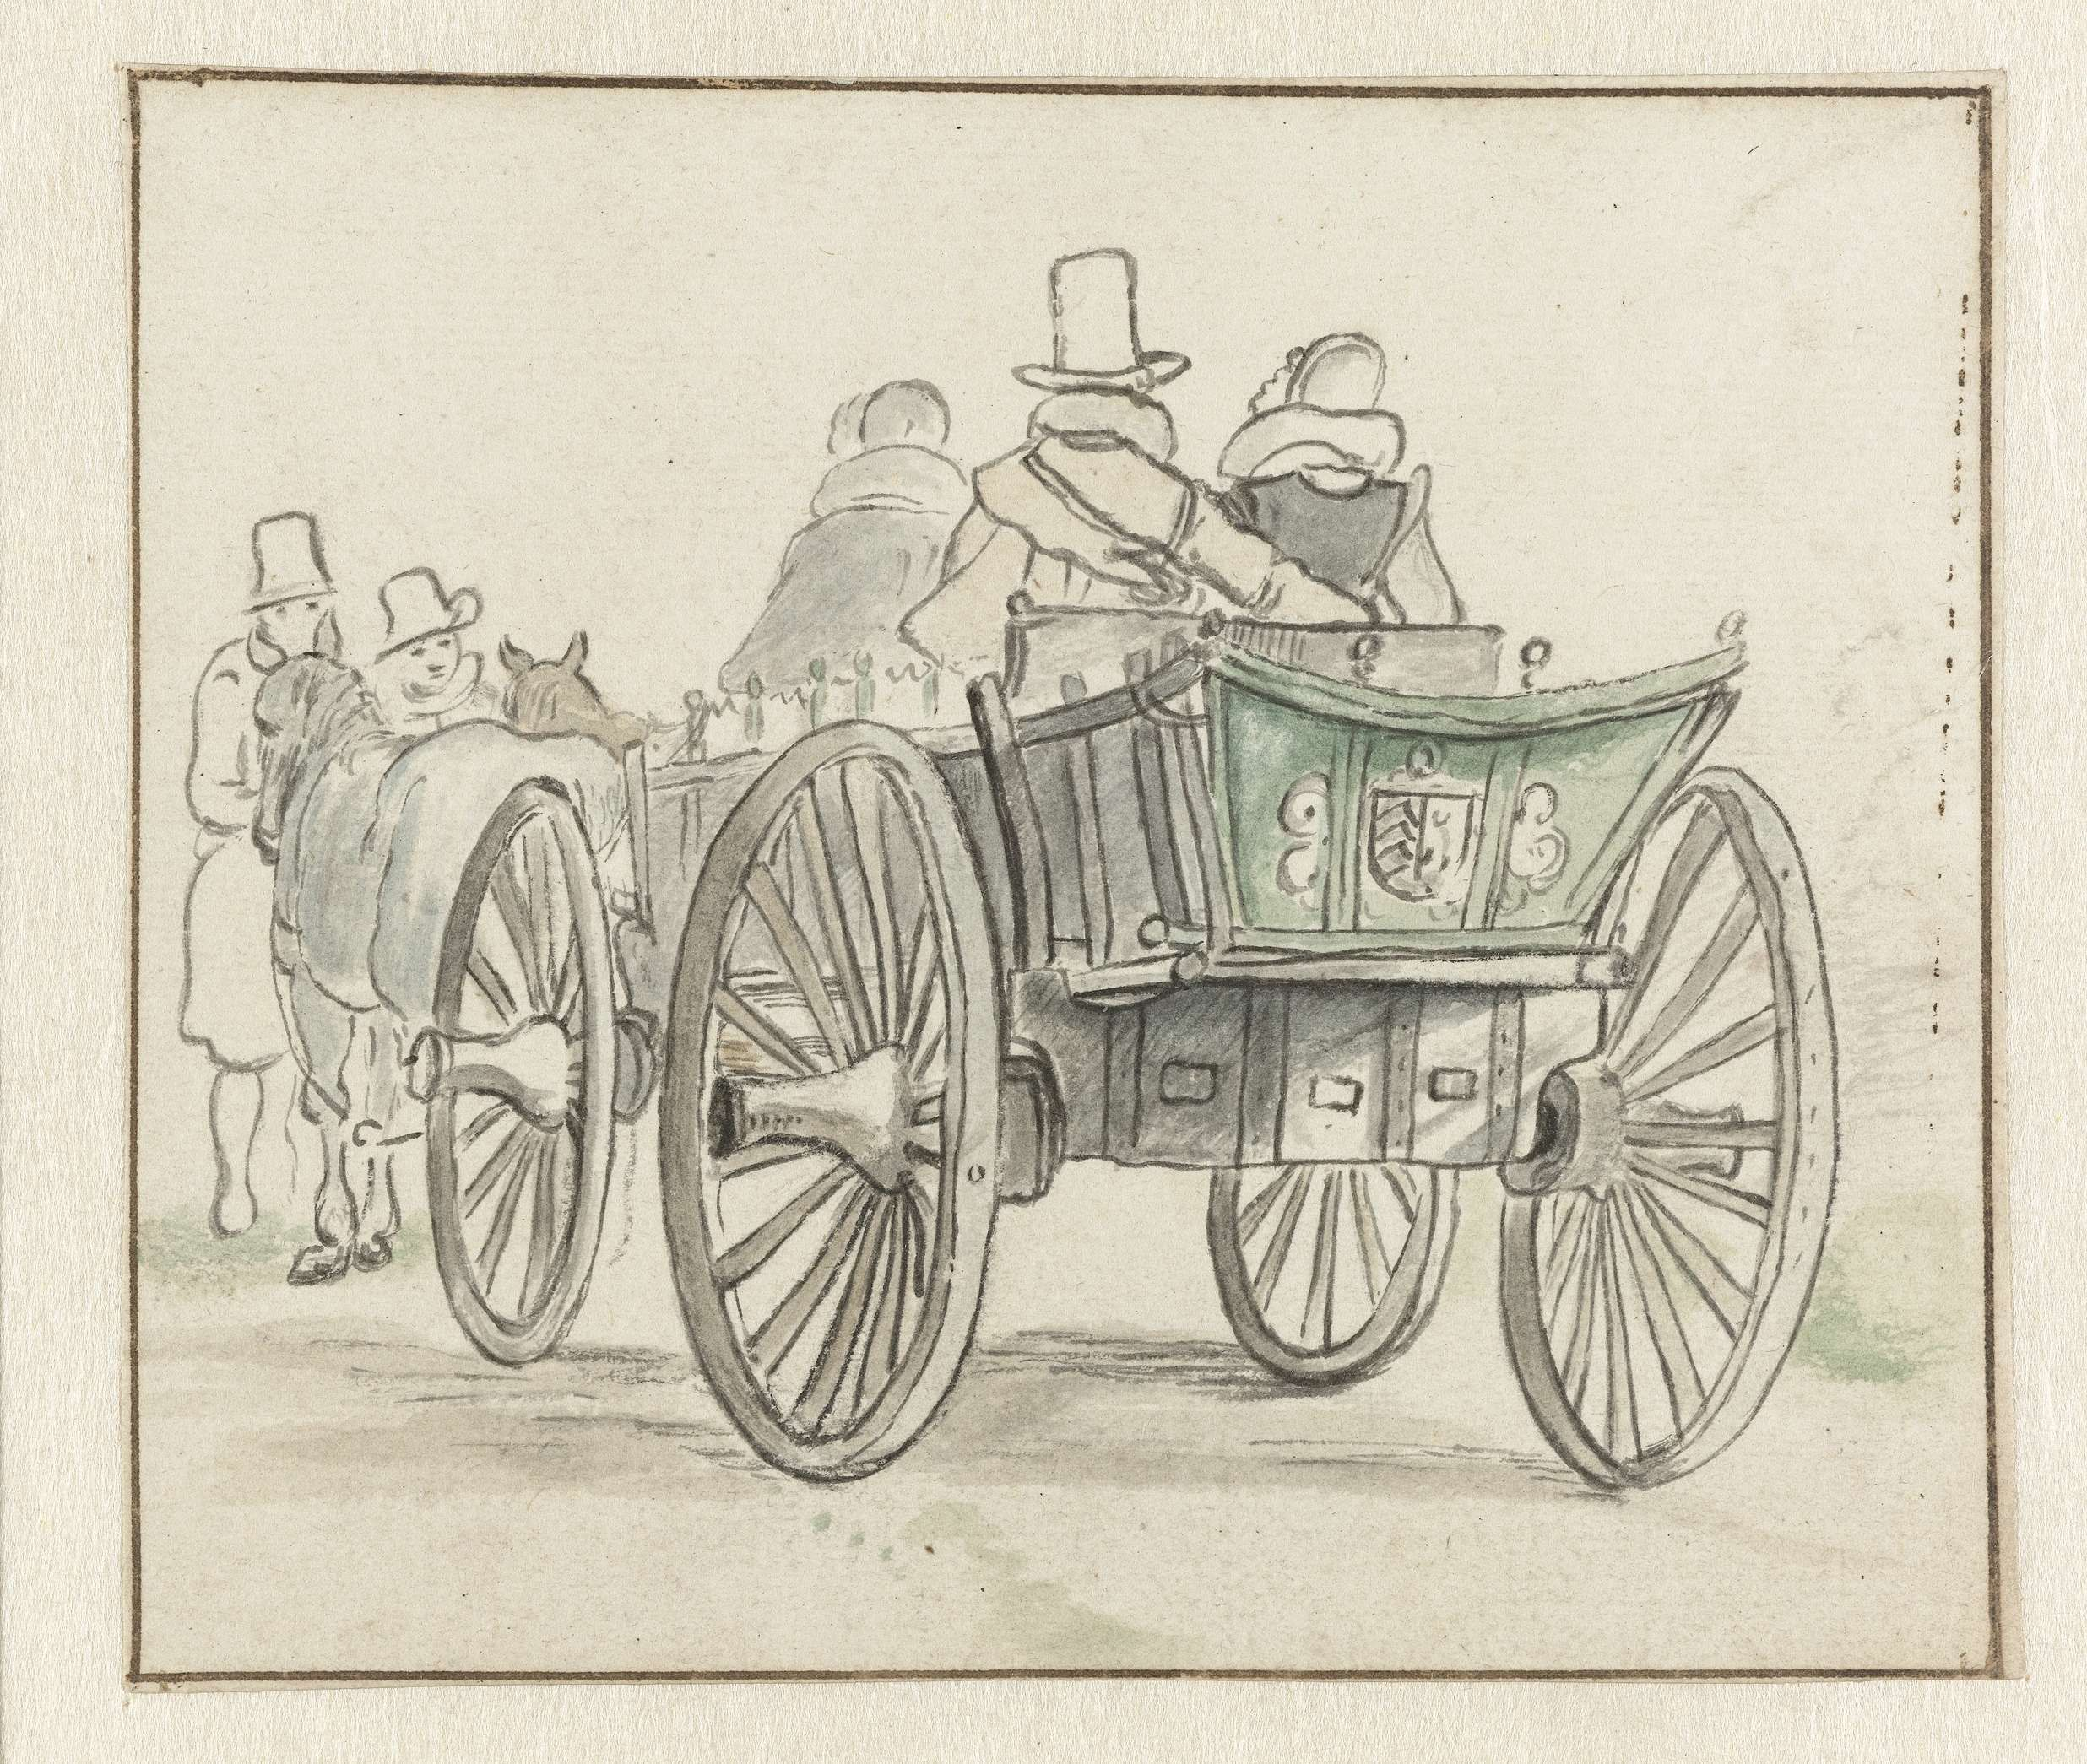 Hendrick Avercamp | Reiswagen met enkele passagiers, Hendrick Avercamp, 1600 - 1684 |